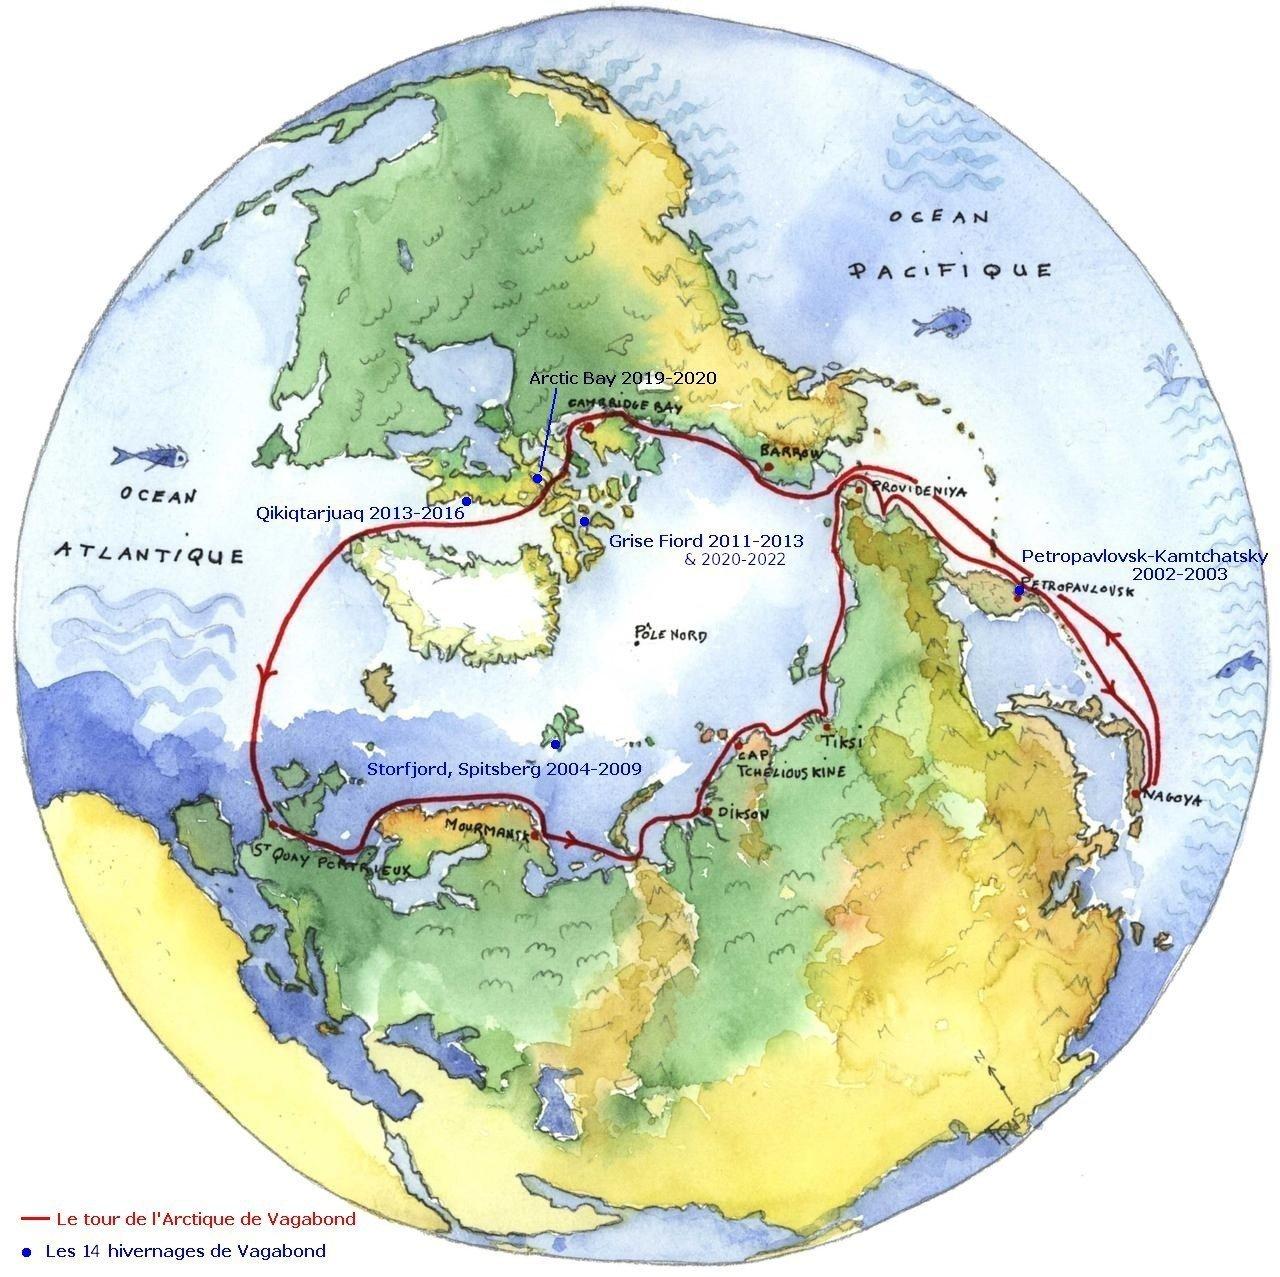 Carte des expéditions de Vagabond